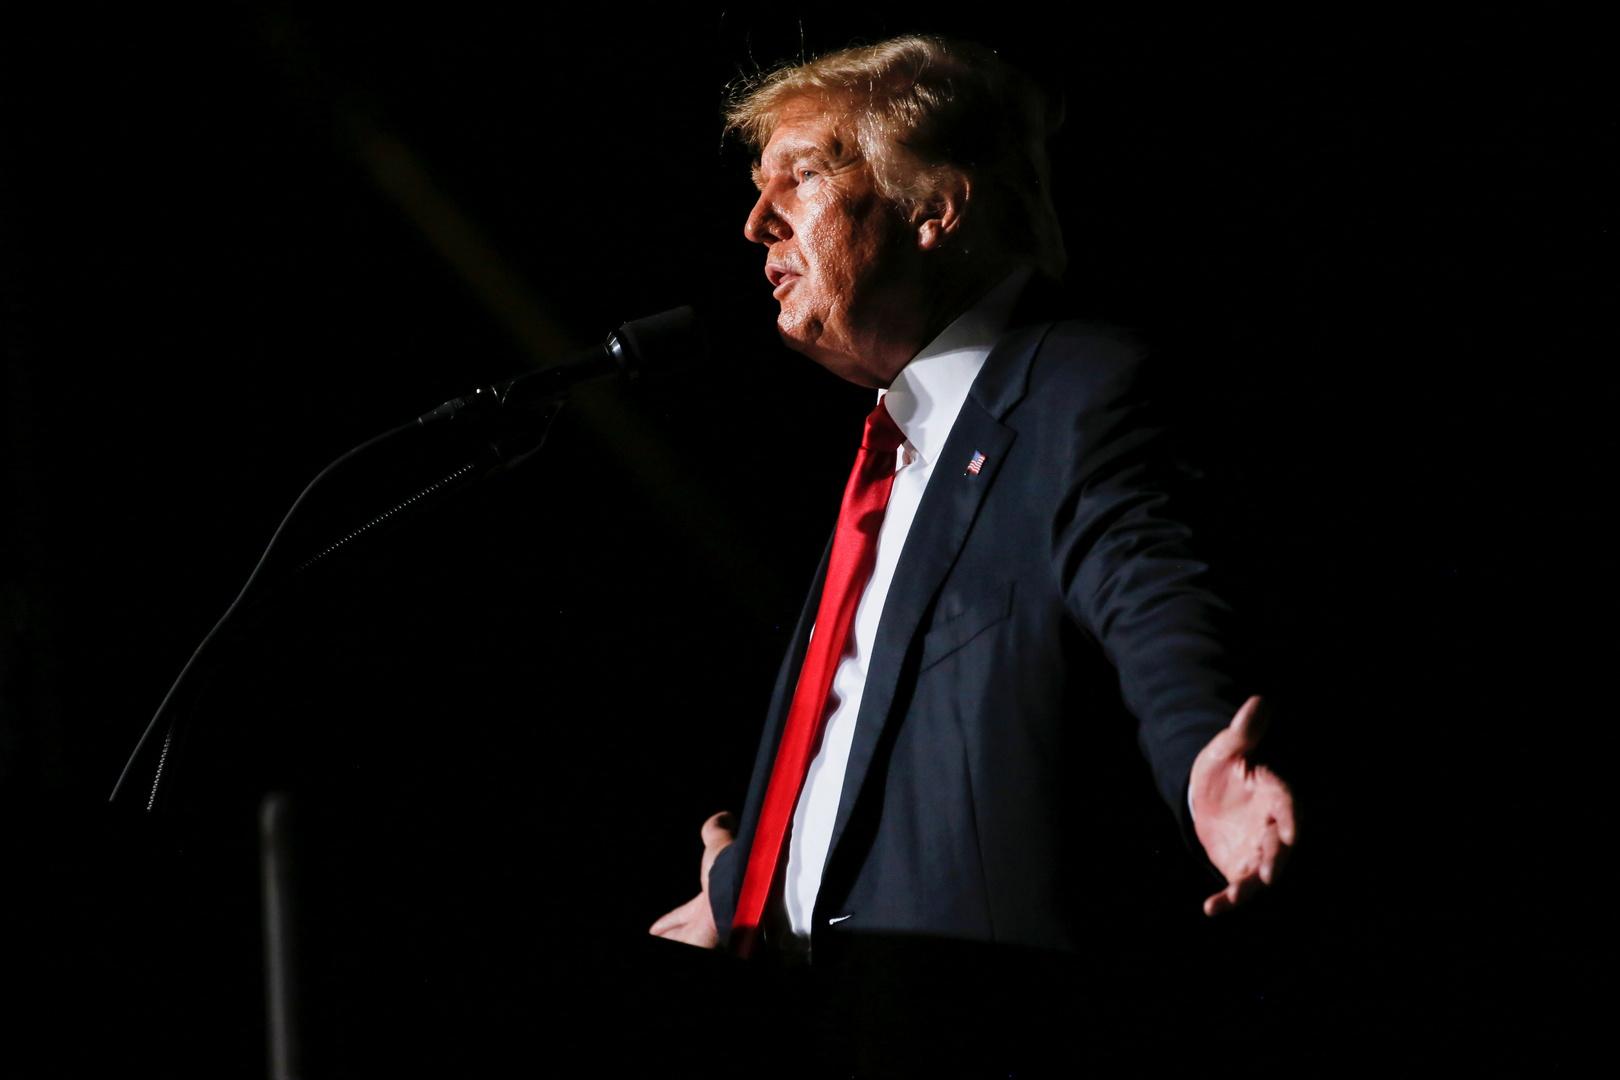 ترامب مطلوب للشهادة بأمر قضائي في دعوى عنف